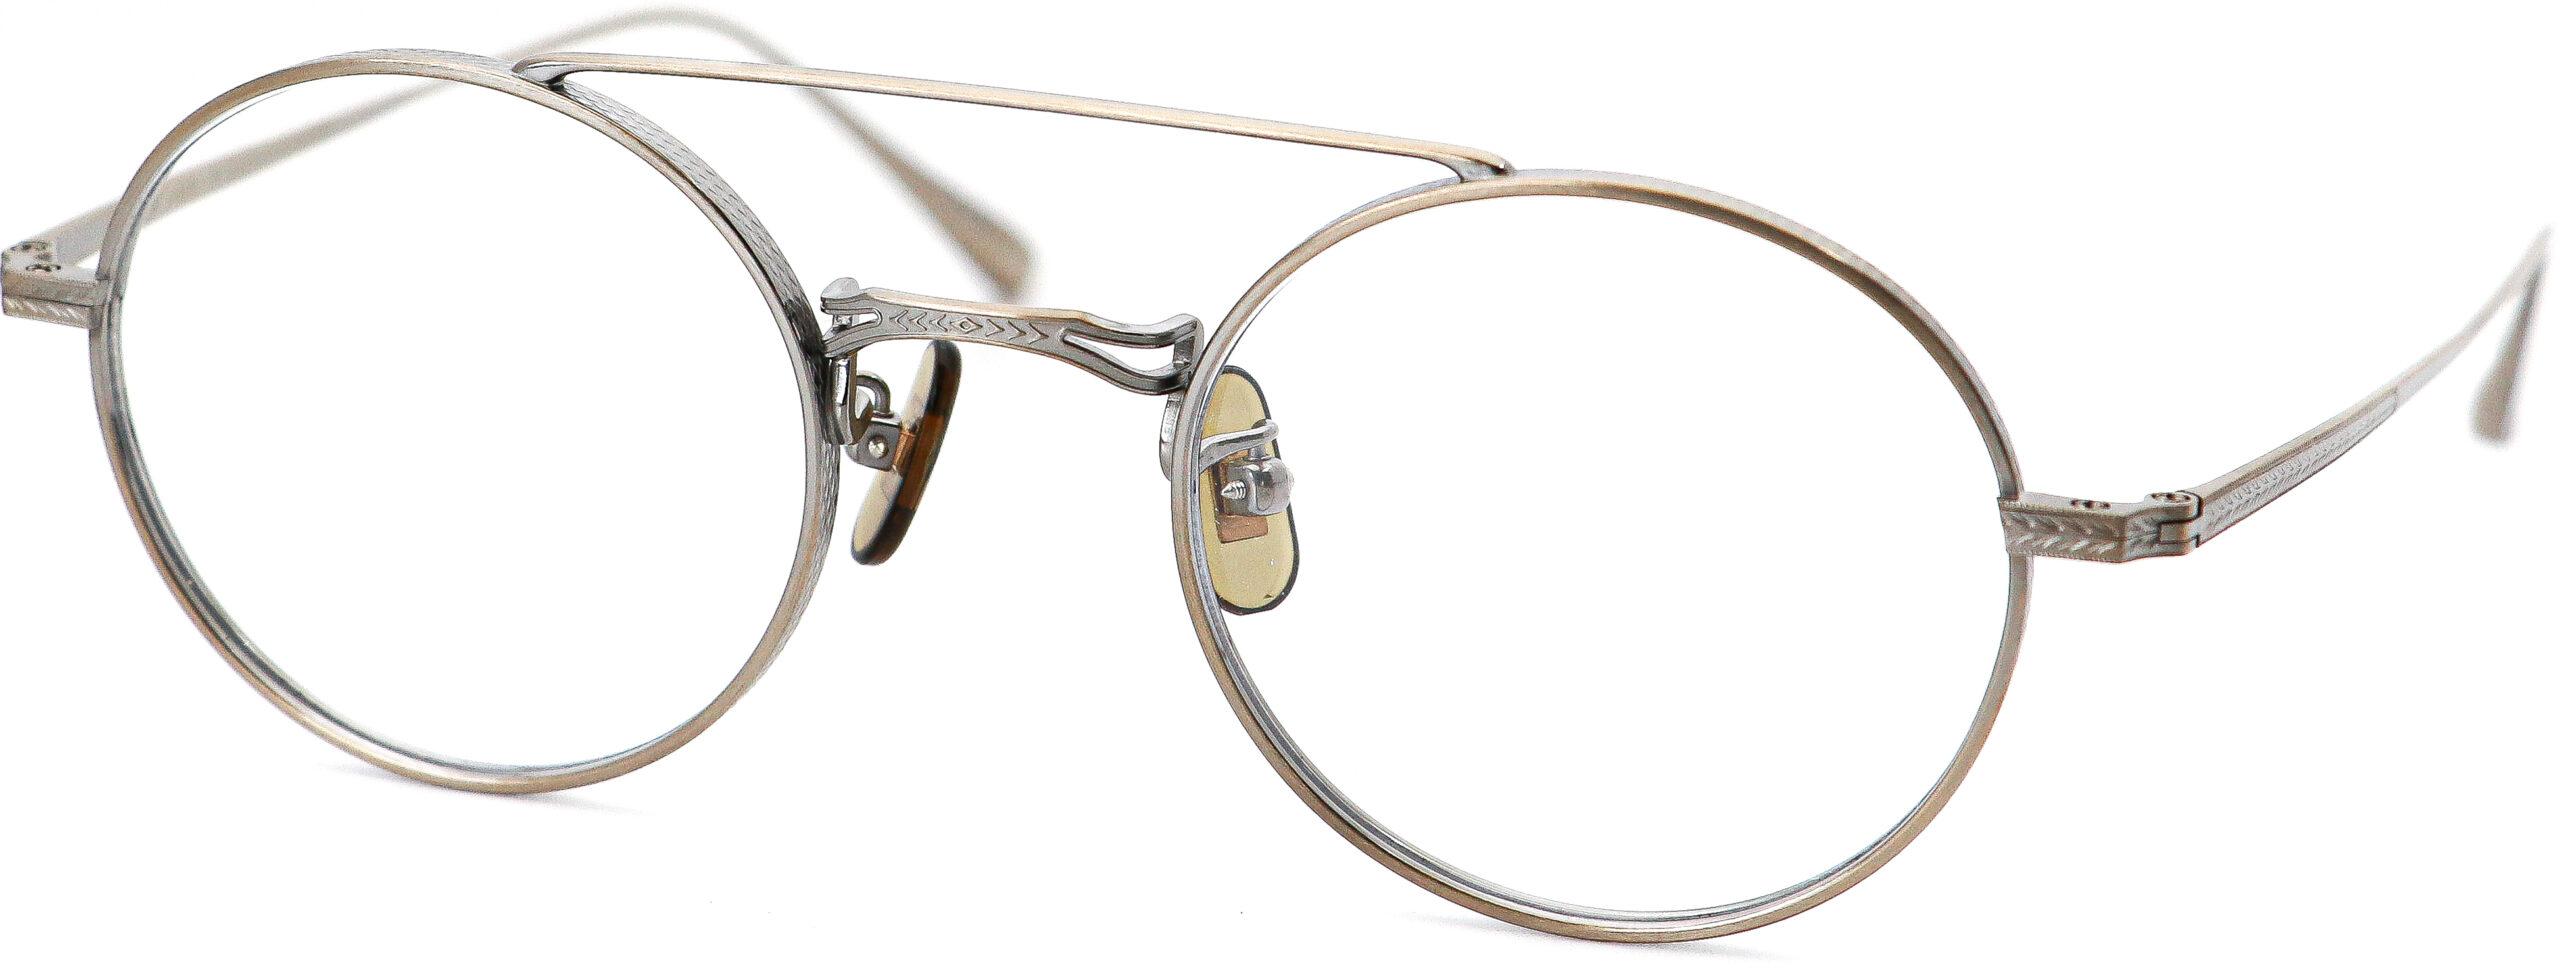 眼鏡のカラータイプC-3 At-Gold